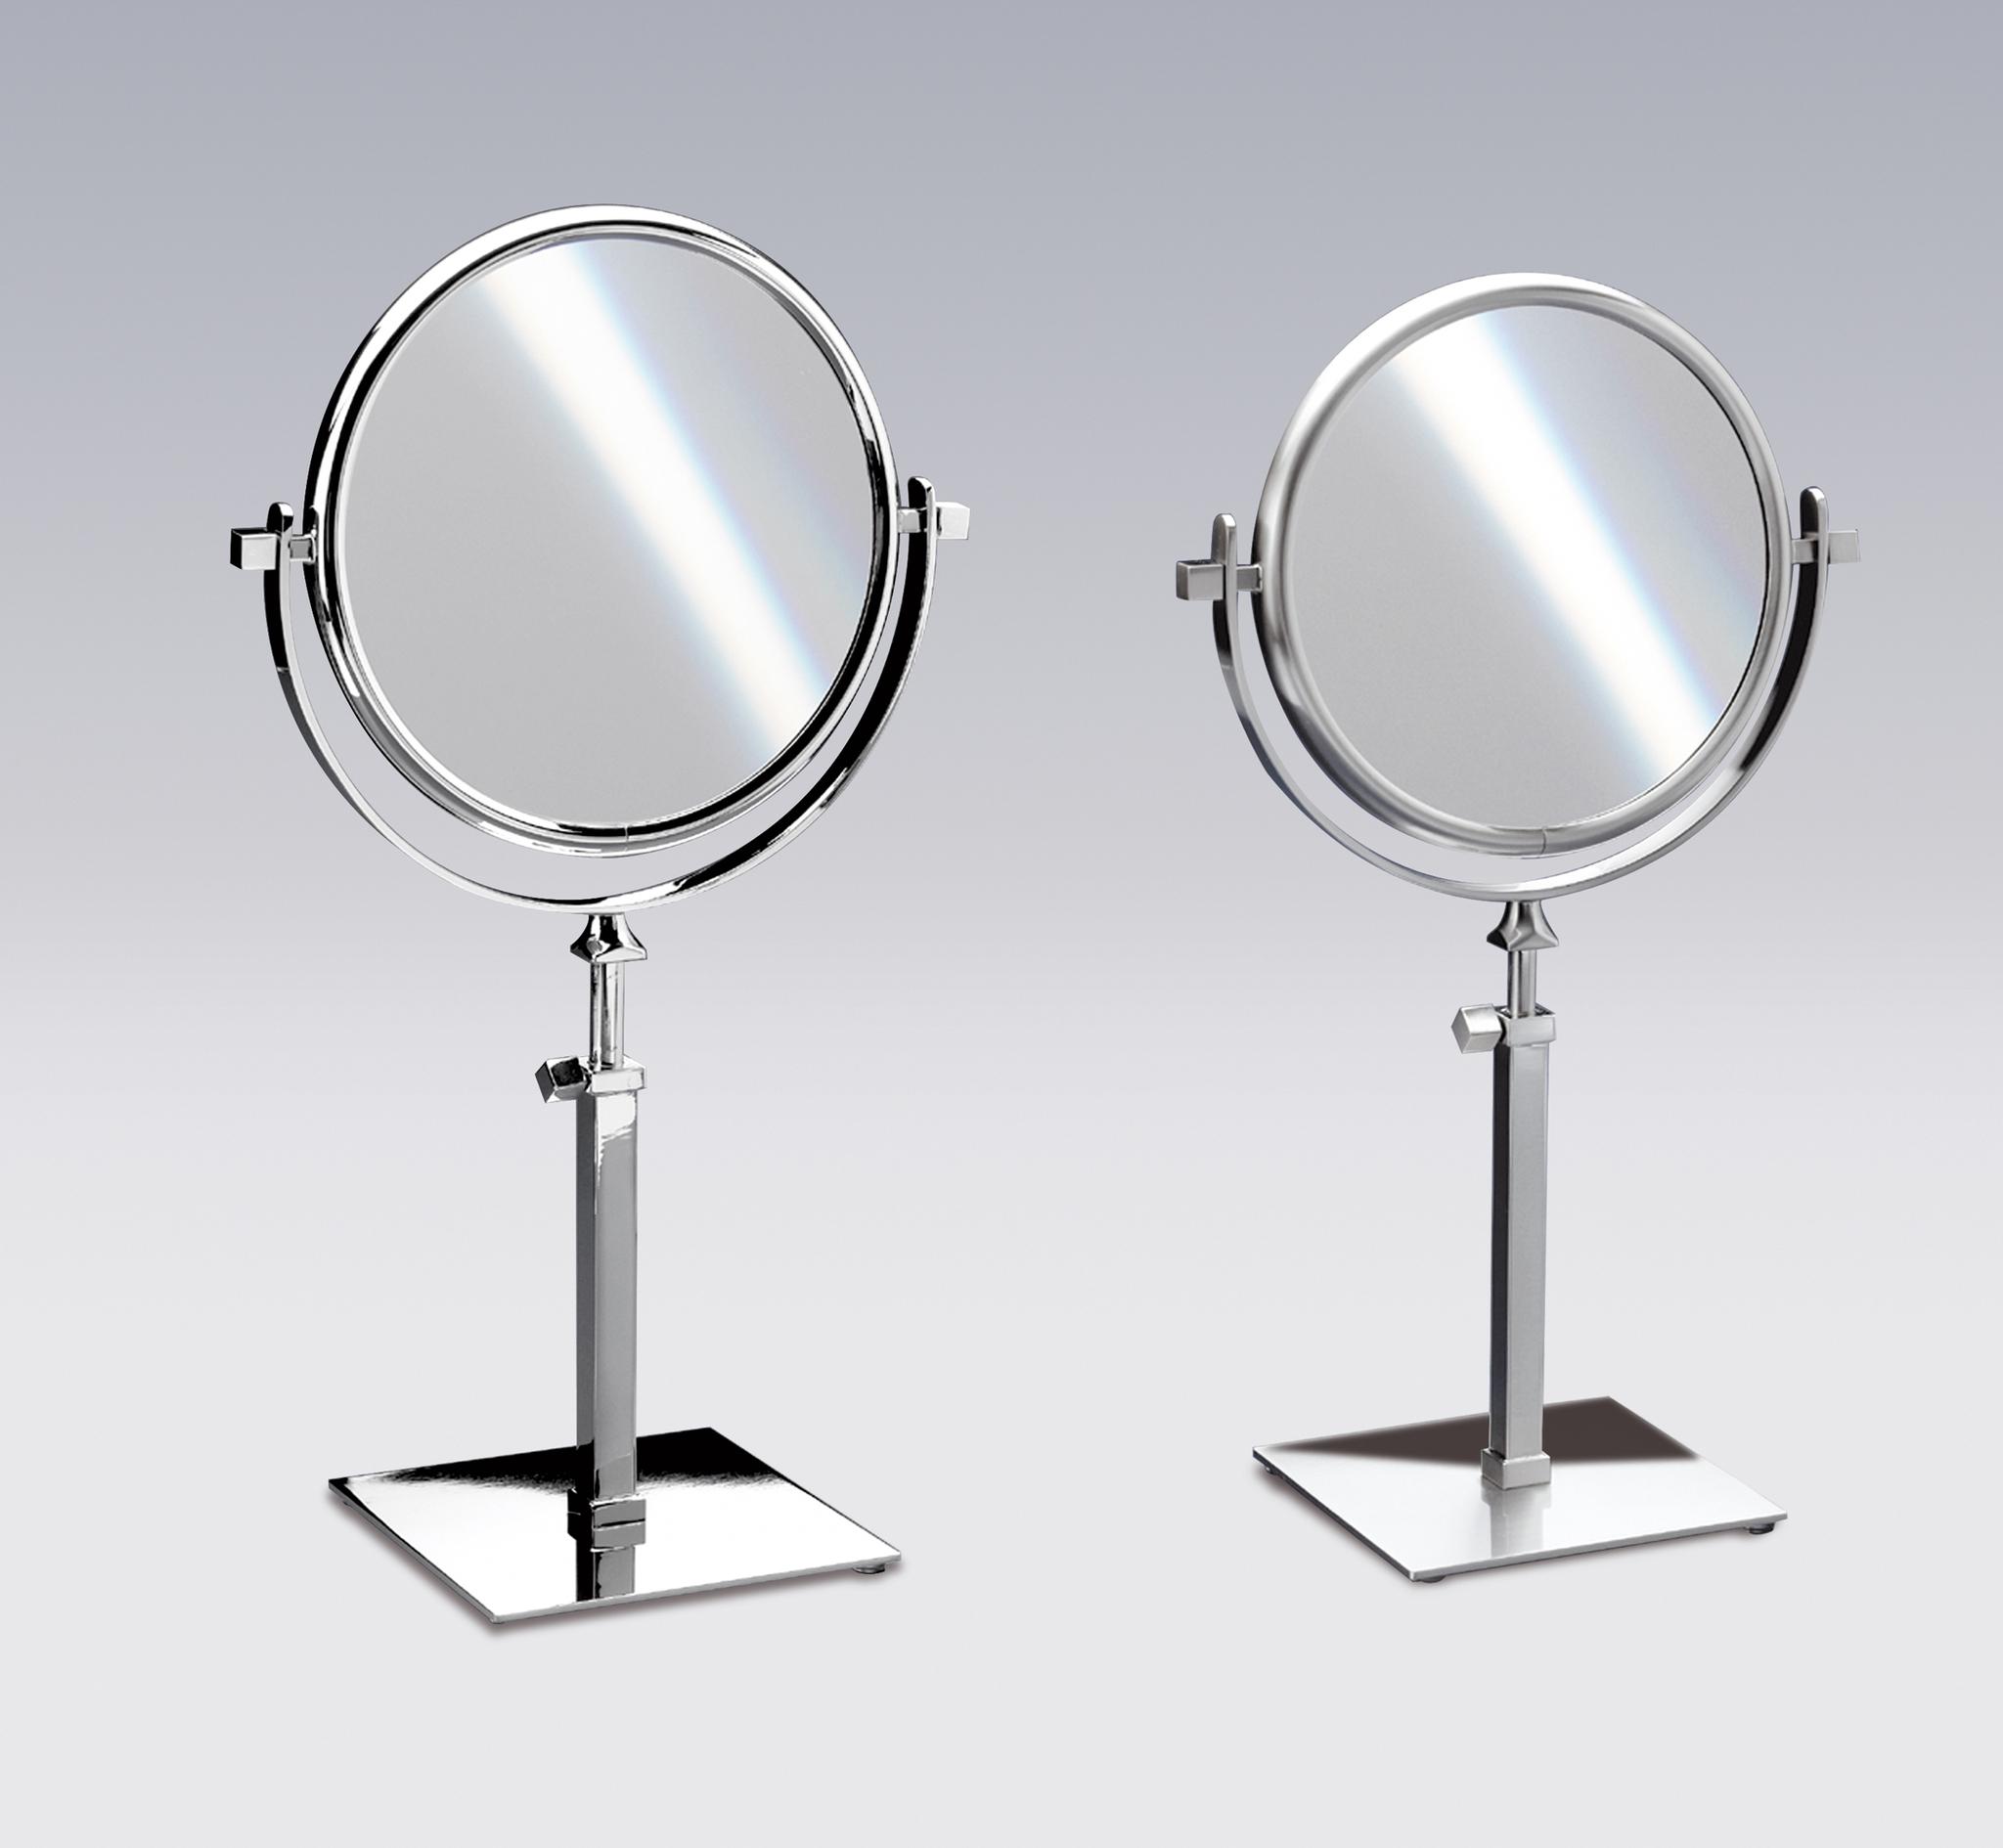 Зеркала Зеркало косметическое Windisch 99135CR 7XOP elitnoe-zerkalo-kosmeticheskoe-99135-ot-windisch-ispaniya.jpg